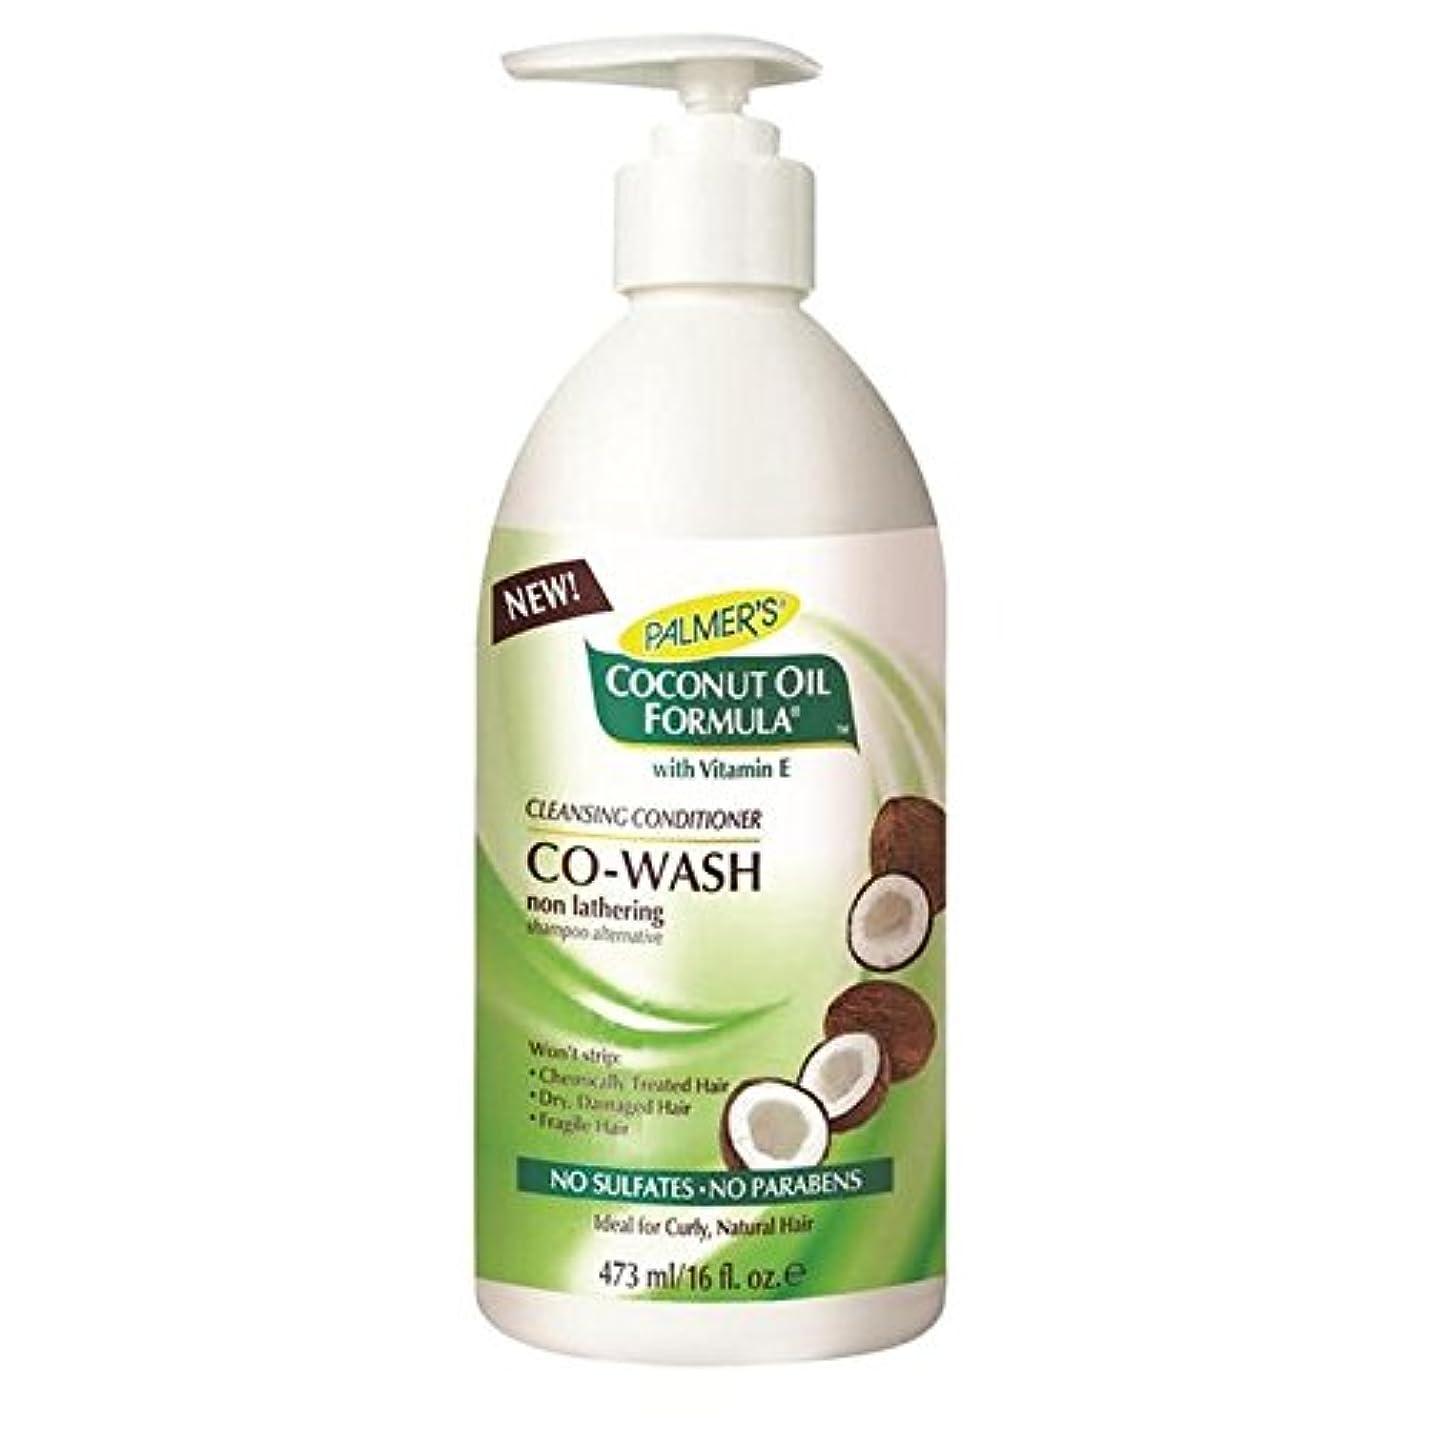 残る口径オフPalmer's Coconut Formula Co-Wash Cleansing Conditioner, Shampoo Alternative 473ml (Pack of 6) - パーマーのココナッツ式コウォッシュクレンジングコンディショナー...